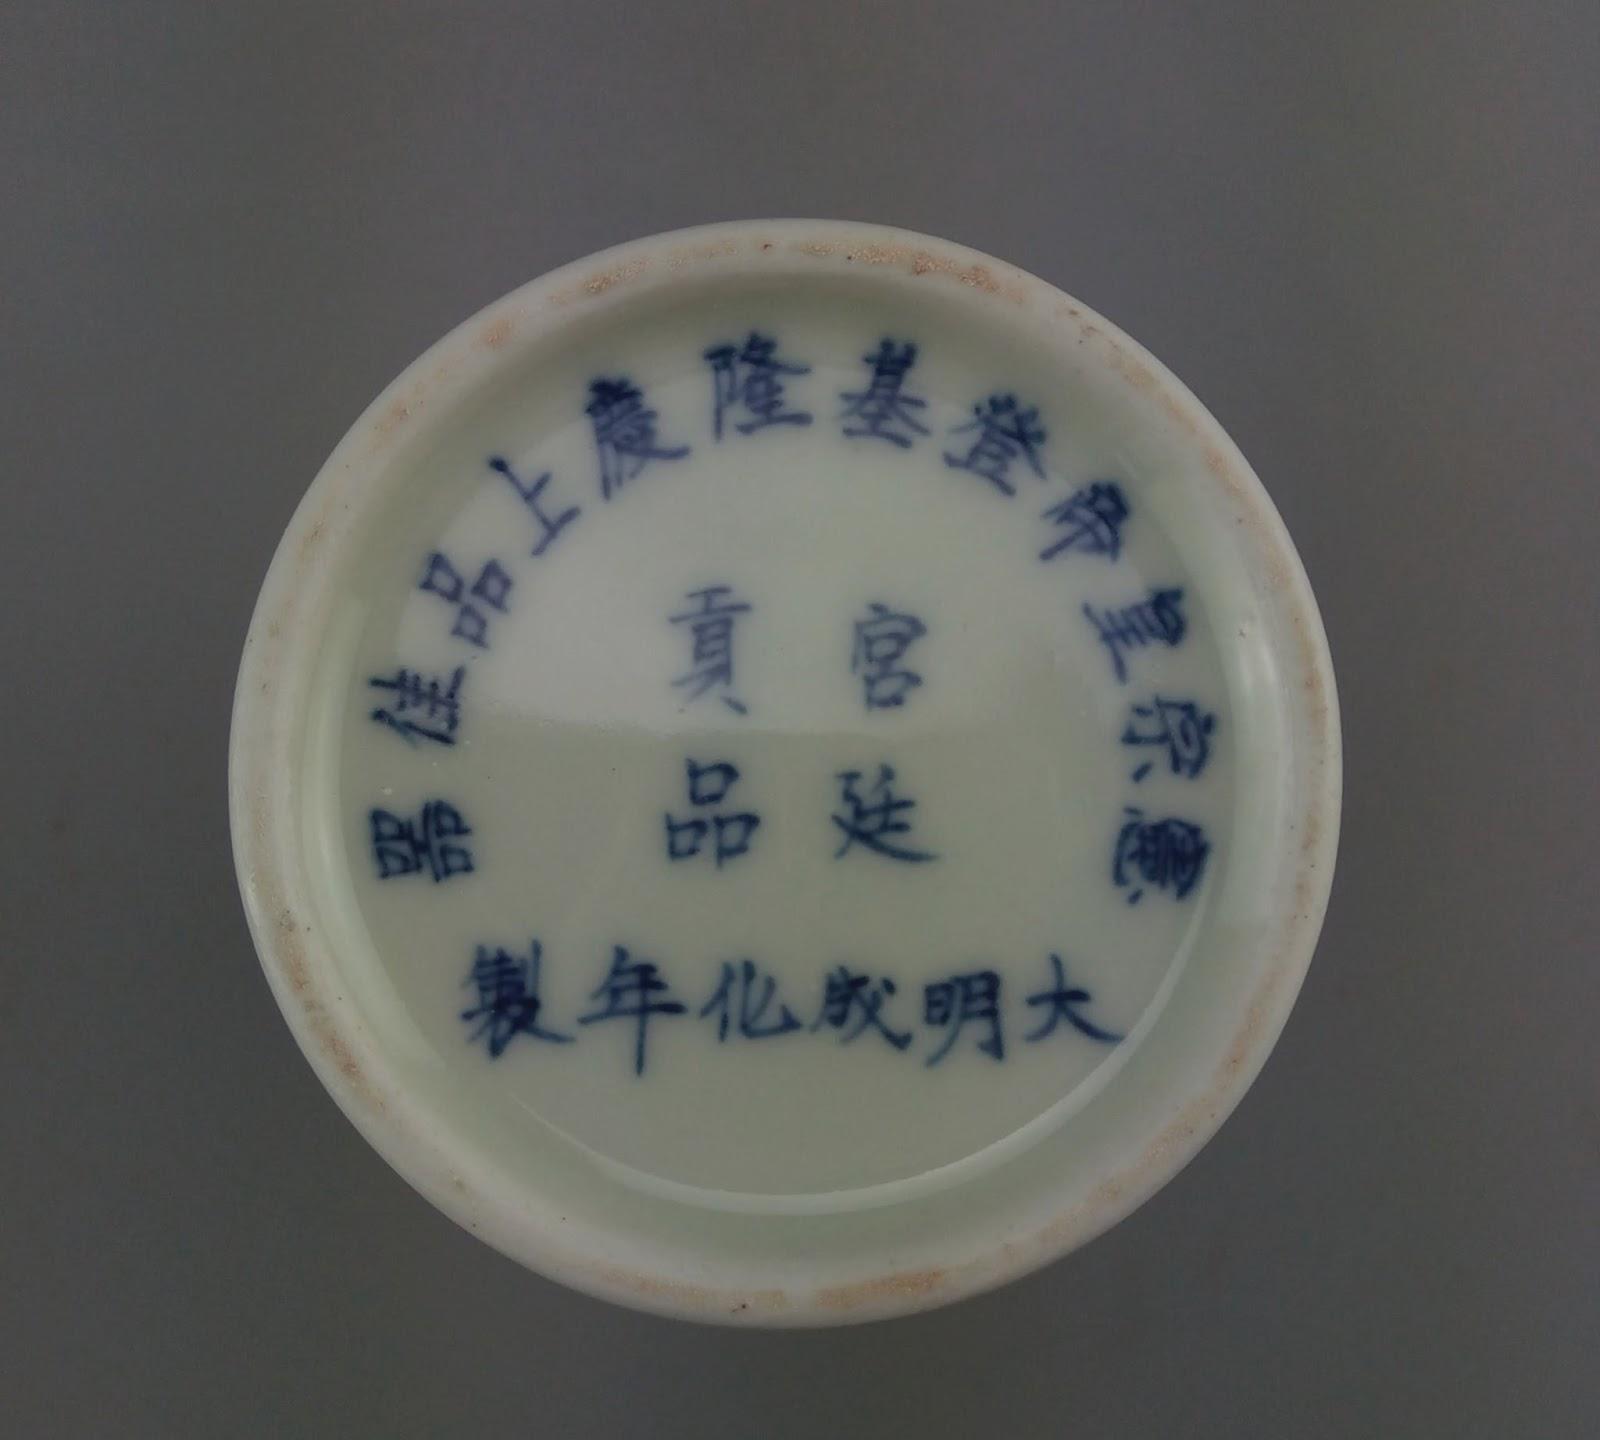 臺灣汝窯帝瓷博物館